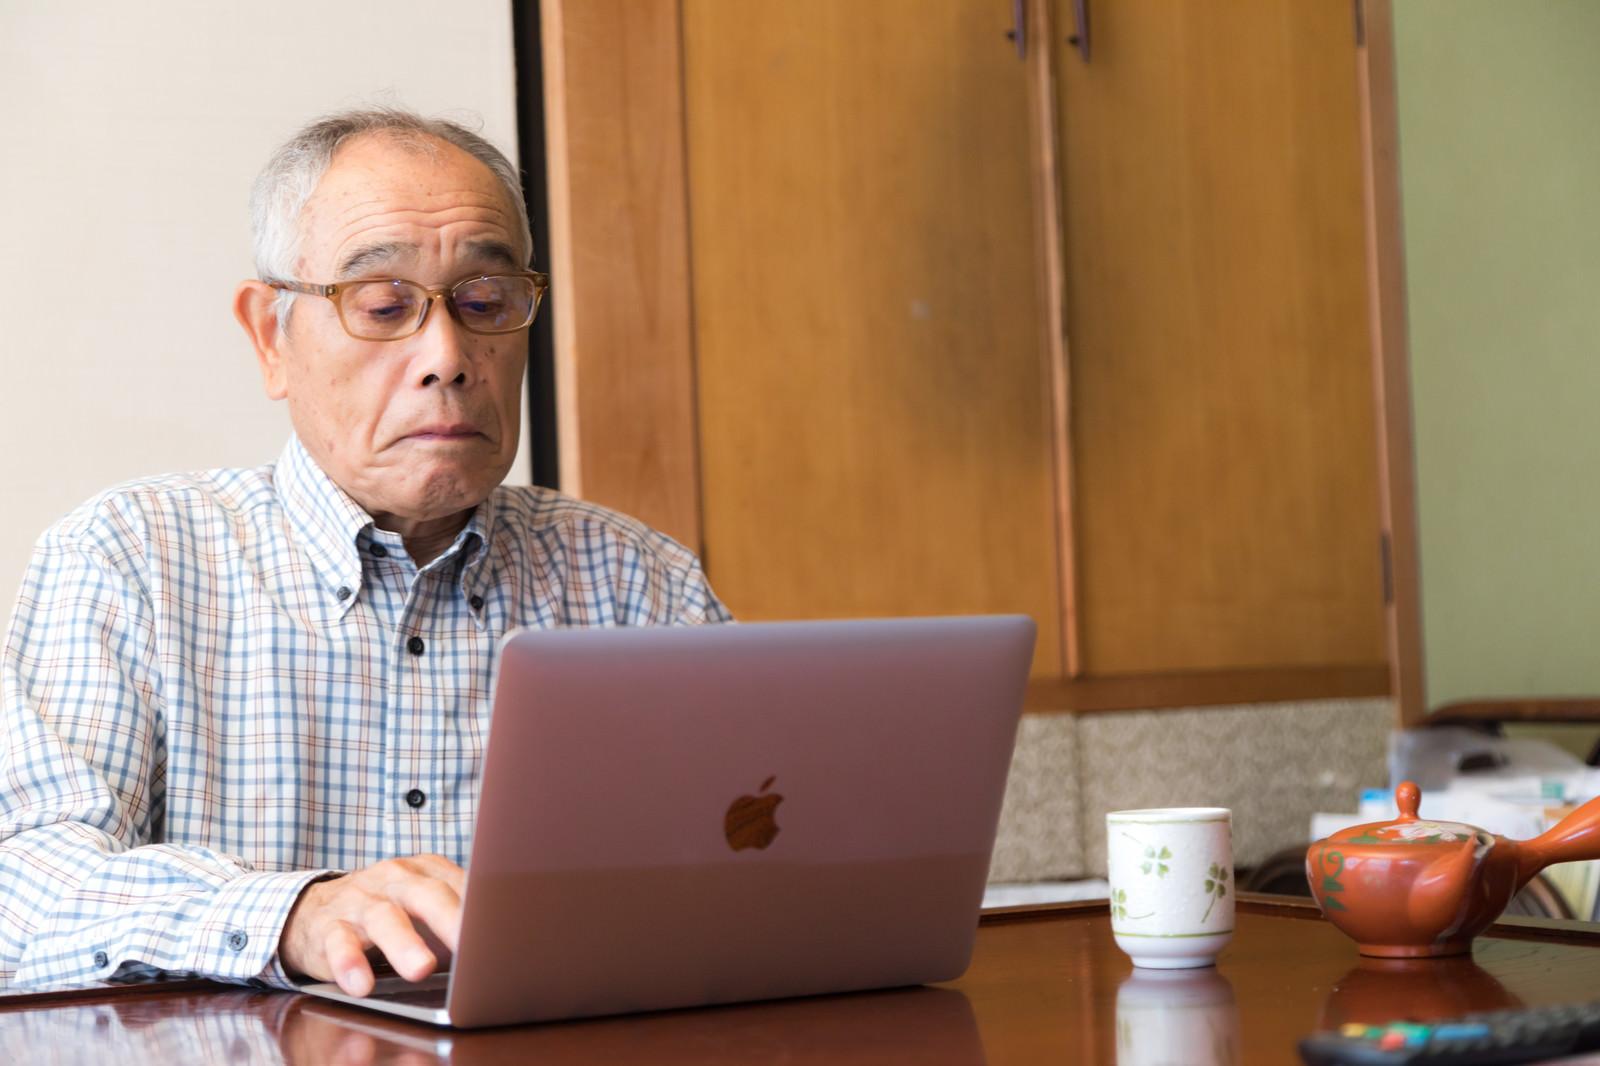 「株価のチェックに余念がない高齢者の男性 | 写真の無料素材・フリー素材 - ぱくたそ」の写真[モデル:まーちゃん]